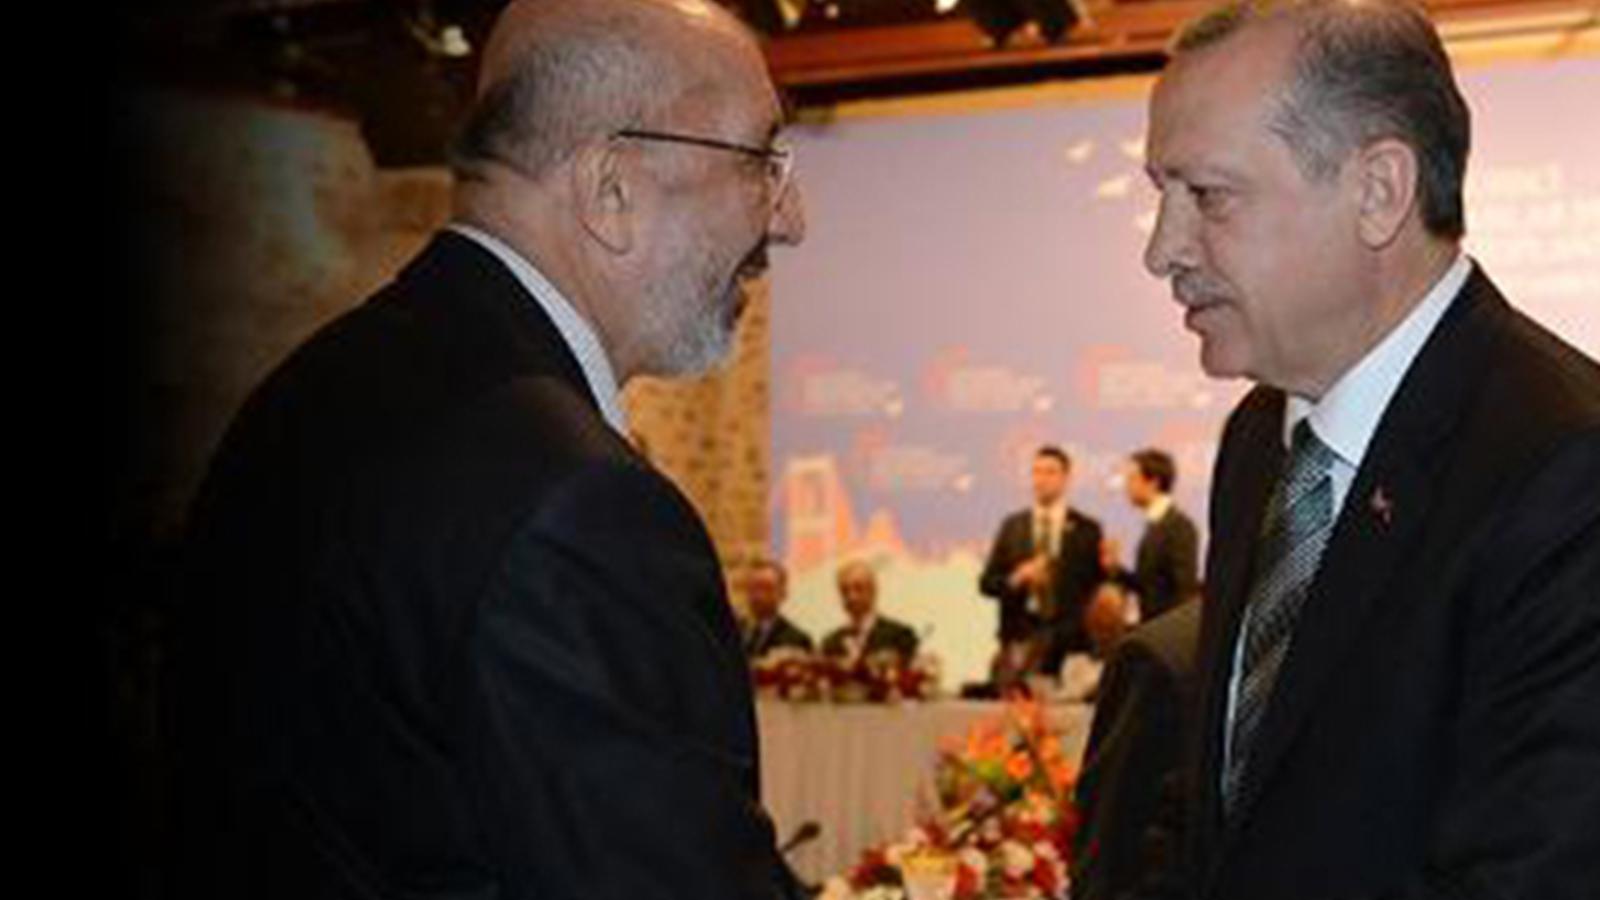 Dilipak yazdı: 15 Temmuz başarılı olsaydı Erdoğan, Suriye'de gizli bir terör örgütü kurmakla suçlanacaktı